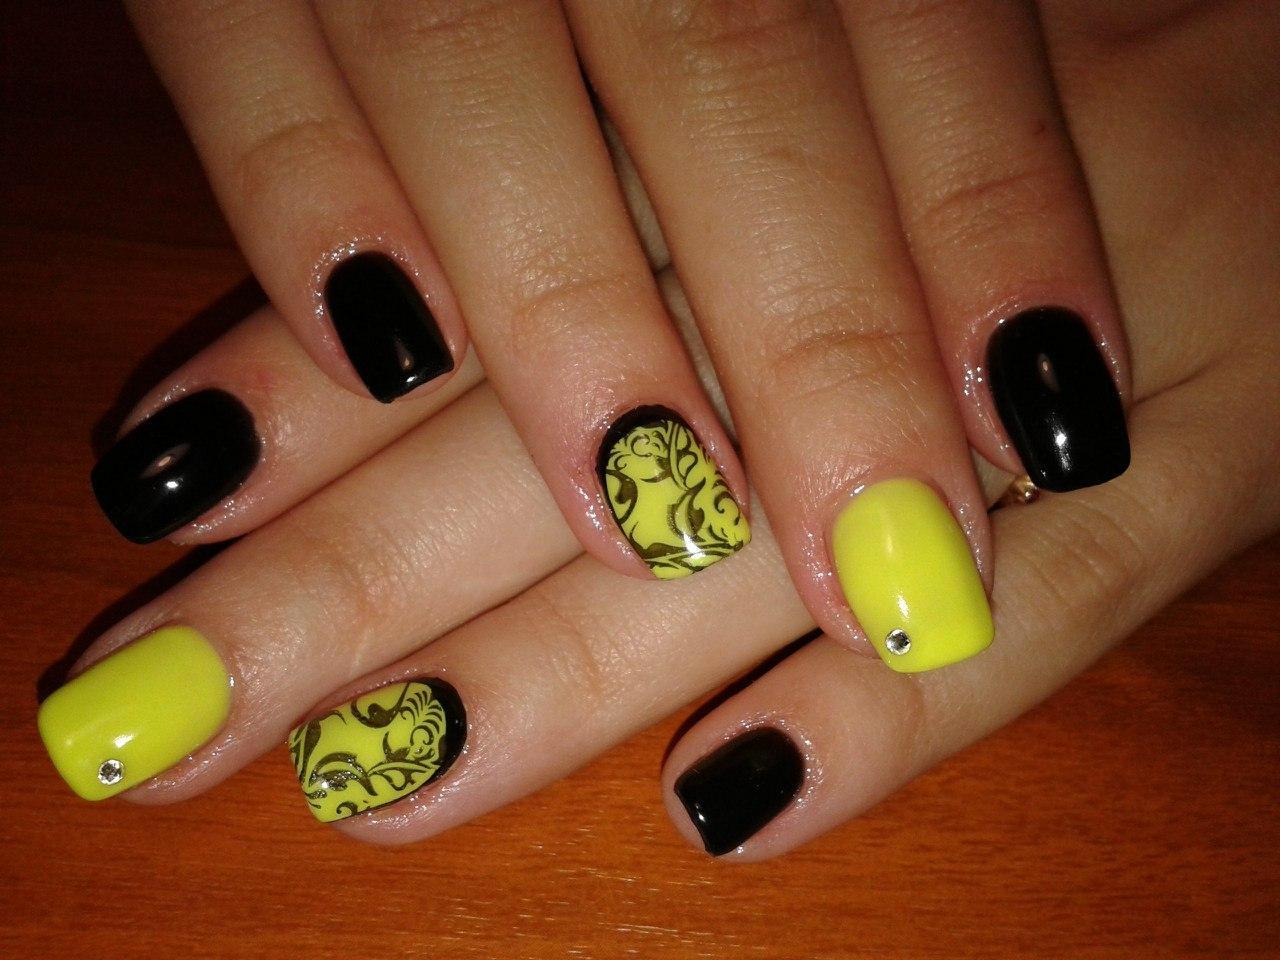 Завораживающий маникюр желтого цвета с узорами